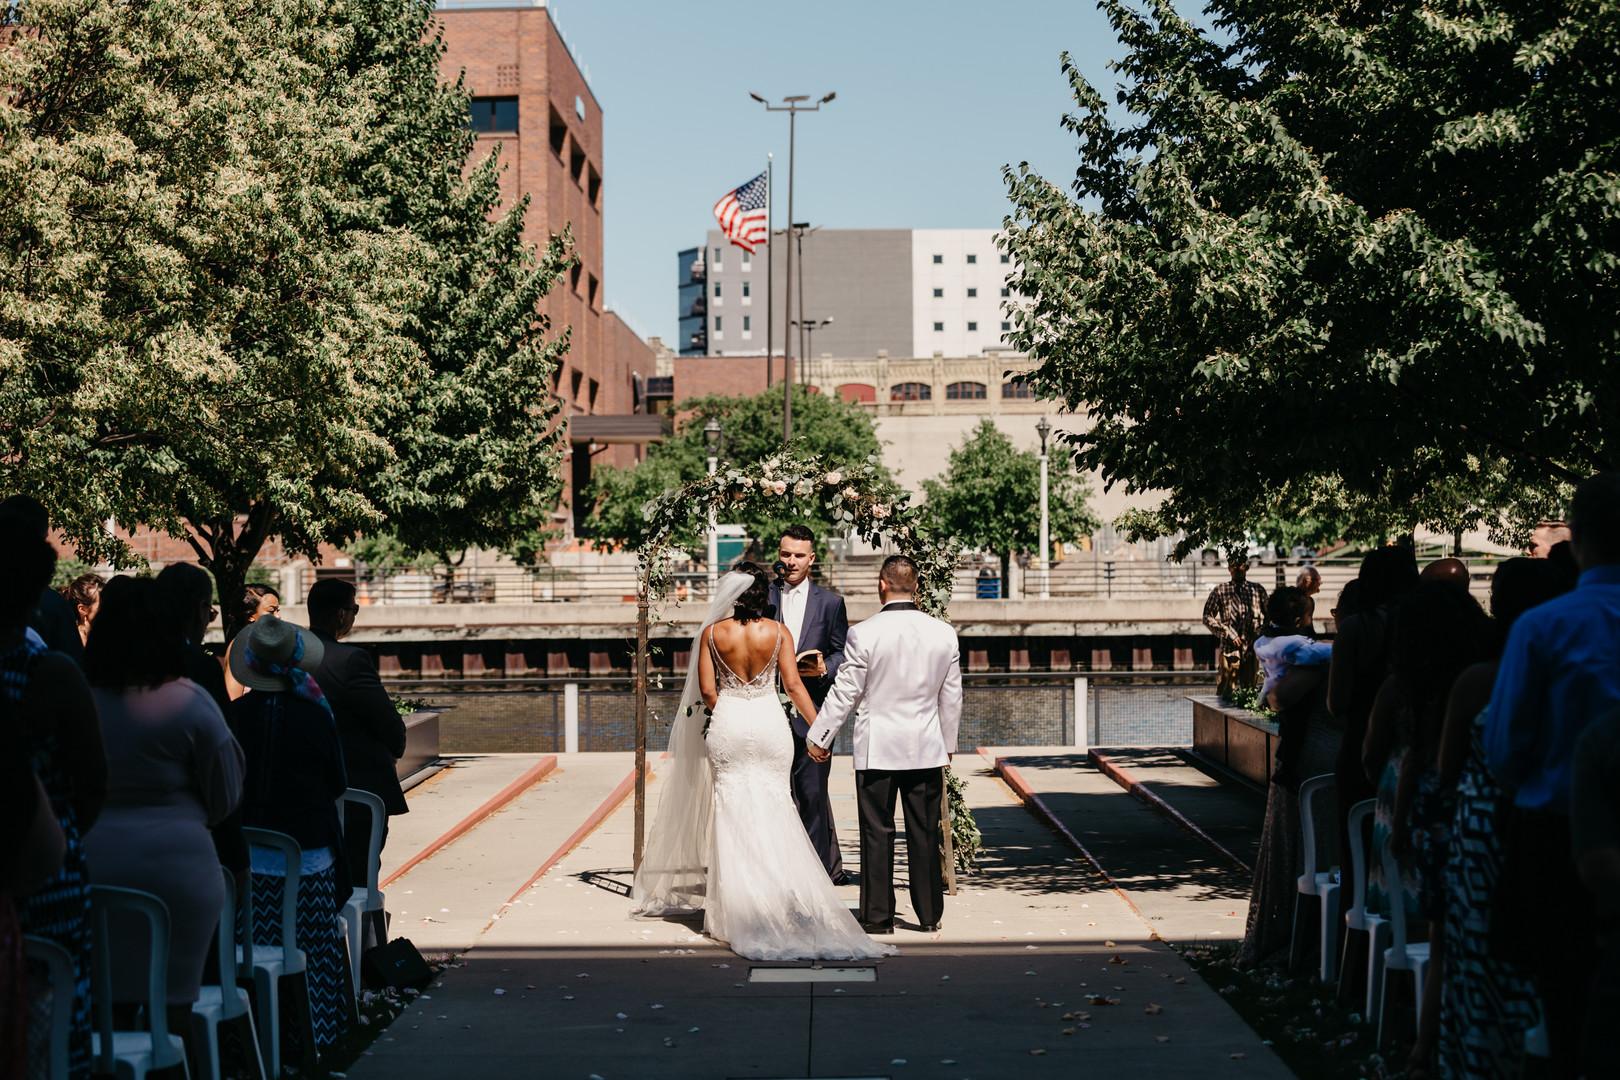 VillarrealProspere_Villarreal_MariaCampbellPhotography_Ceremony43of74_big.jpg